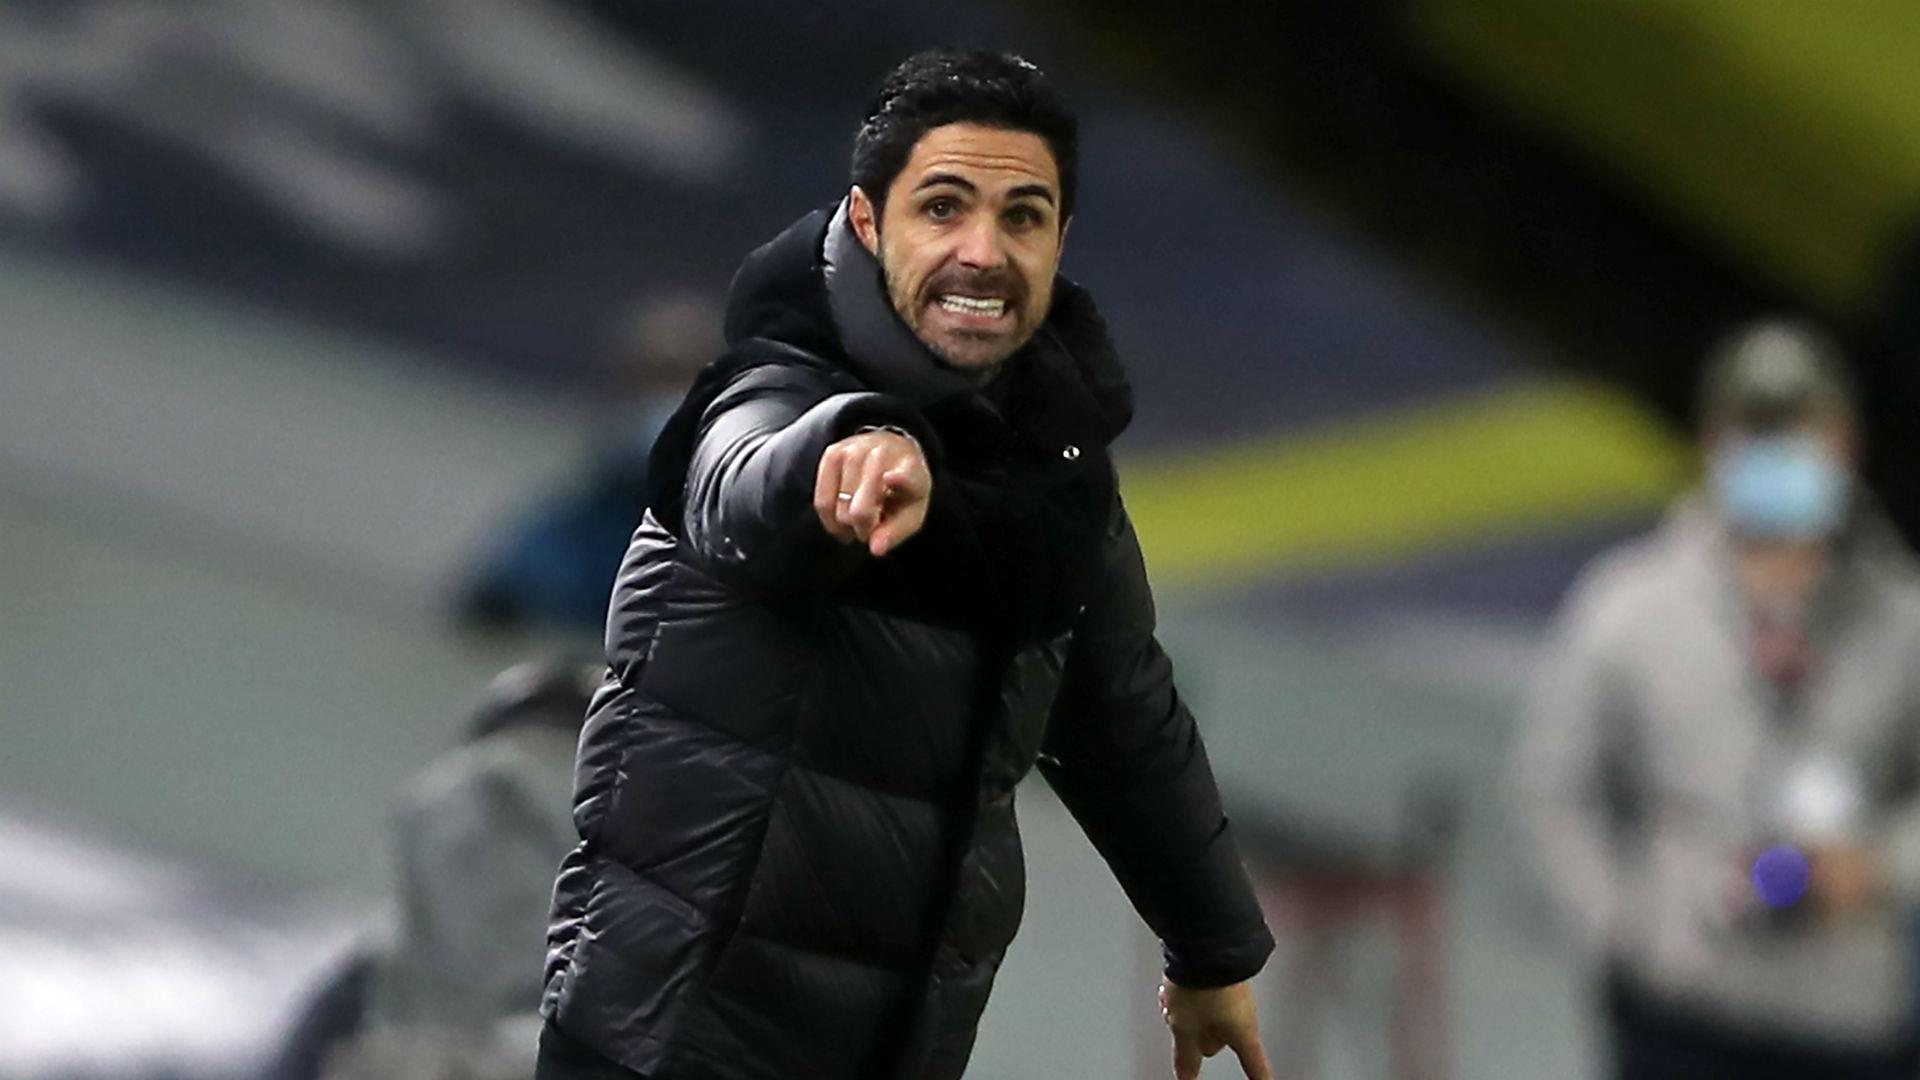 Arteta: Pepe red card unacceptable